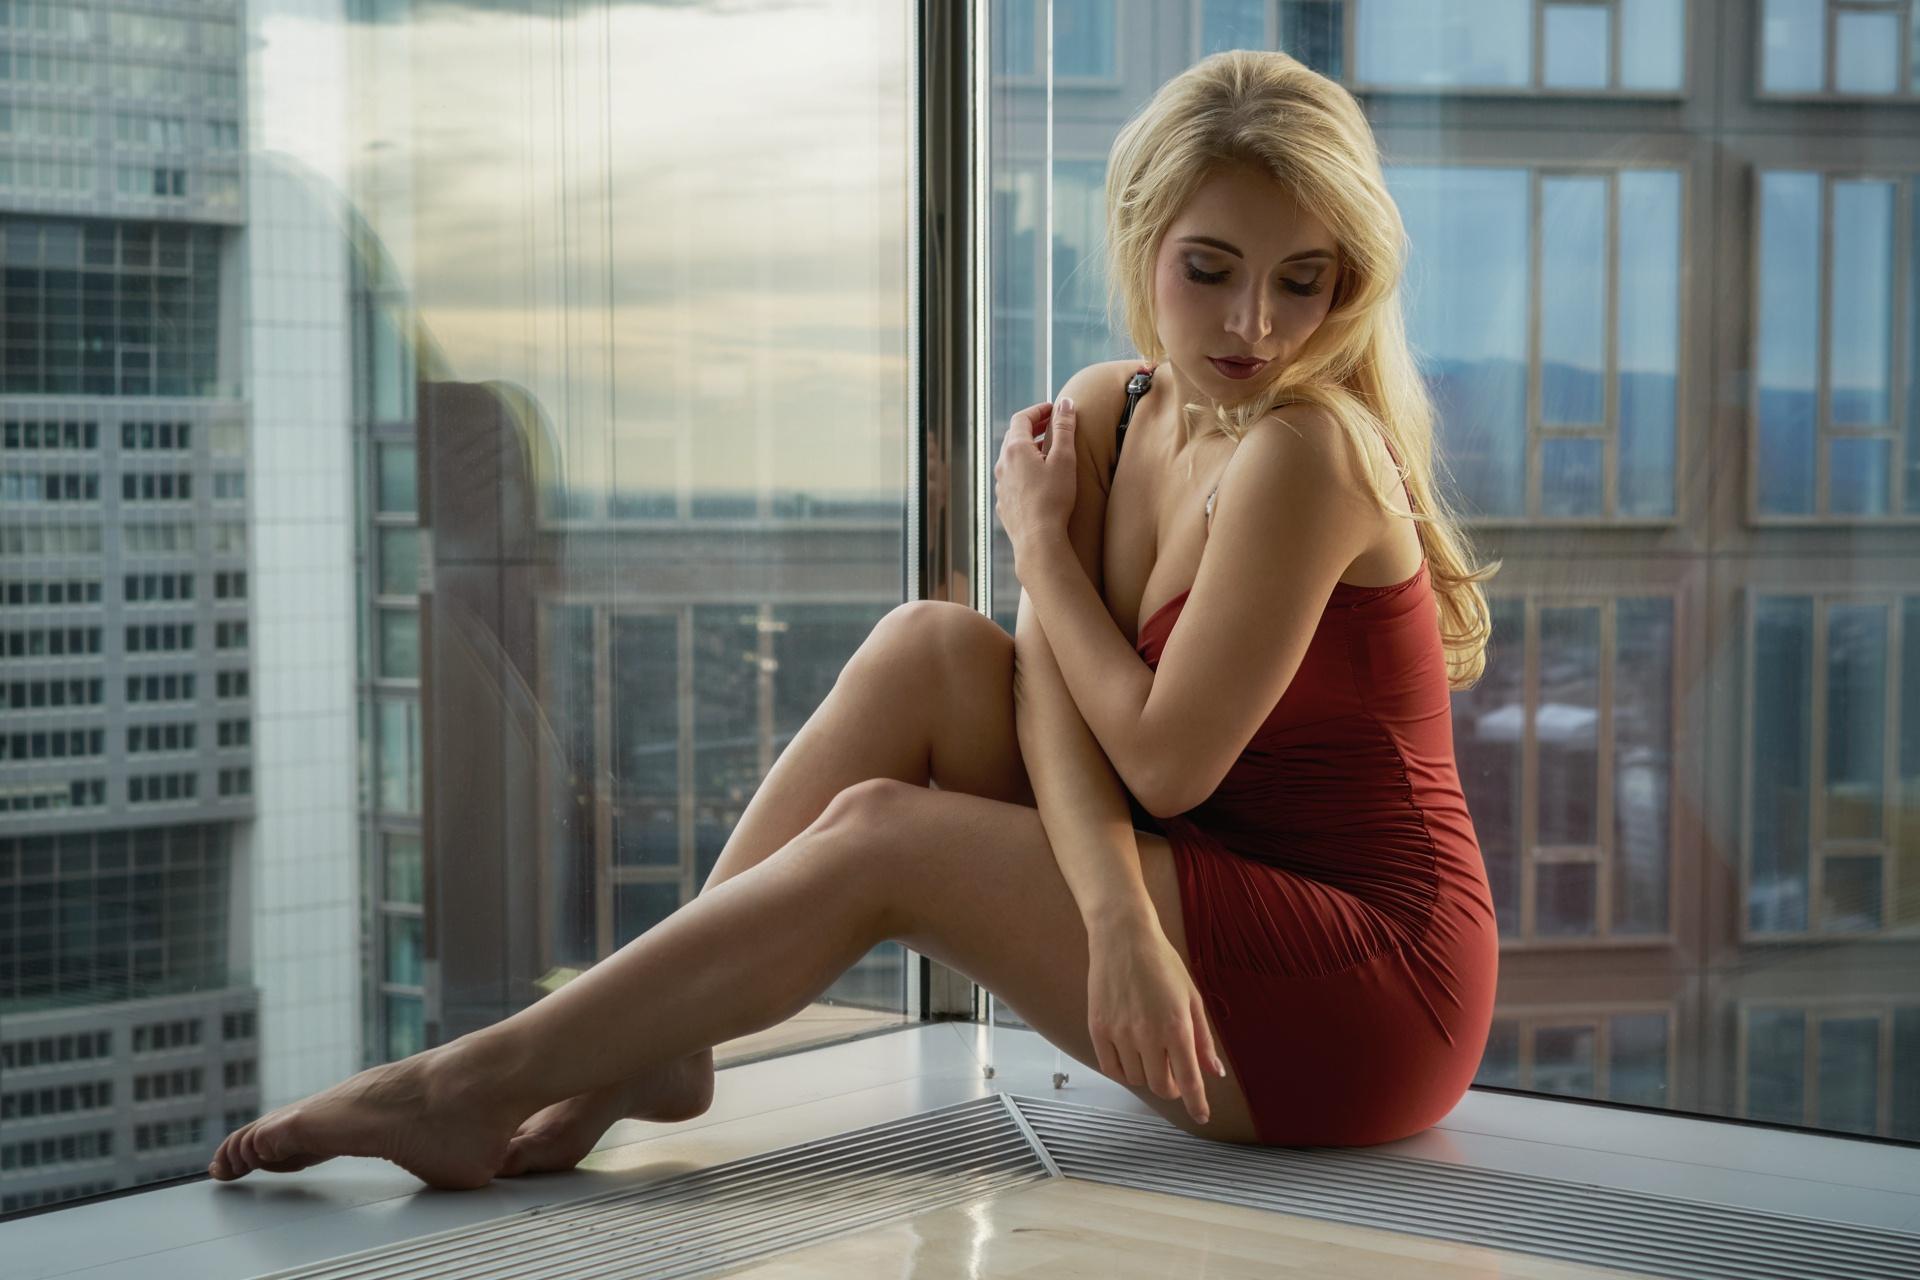 ноги дрожат у блондинки эротическом фото